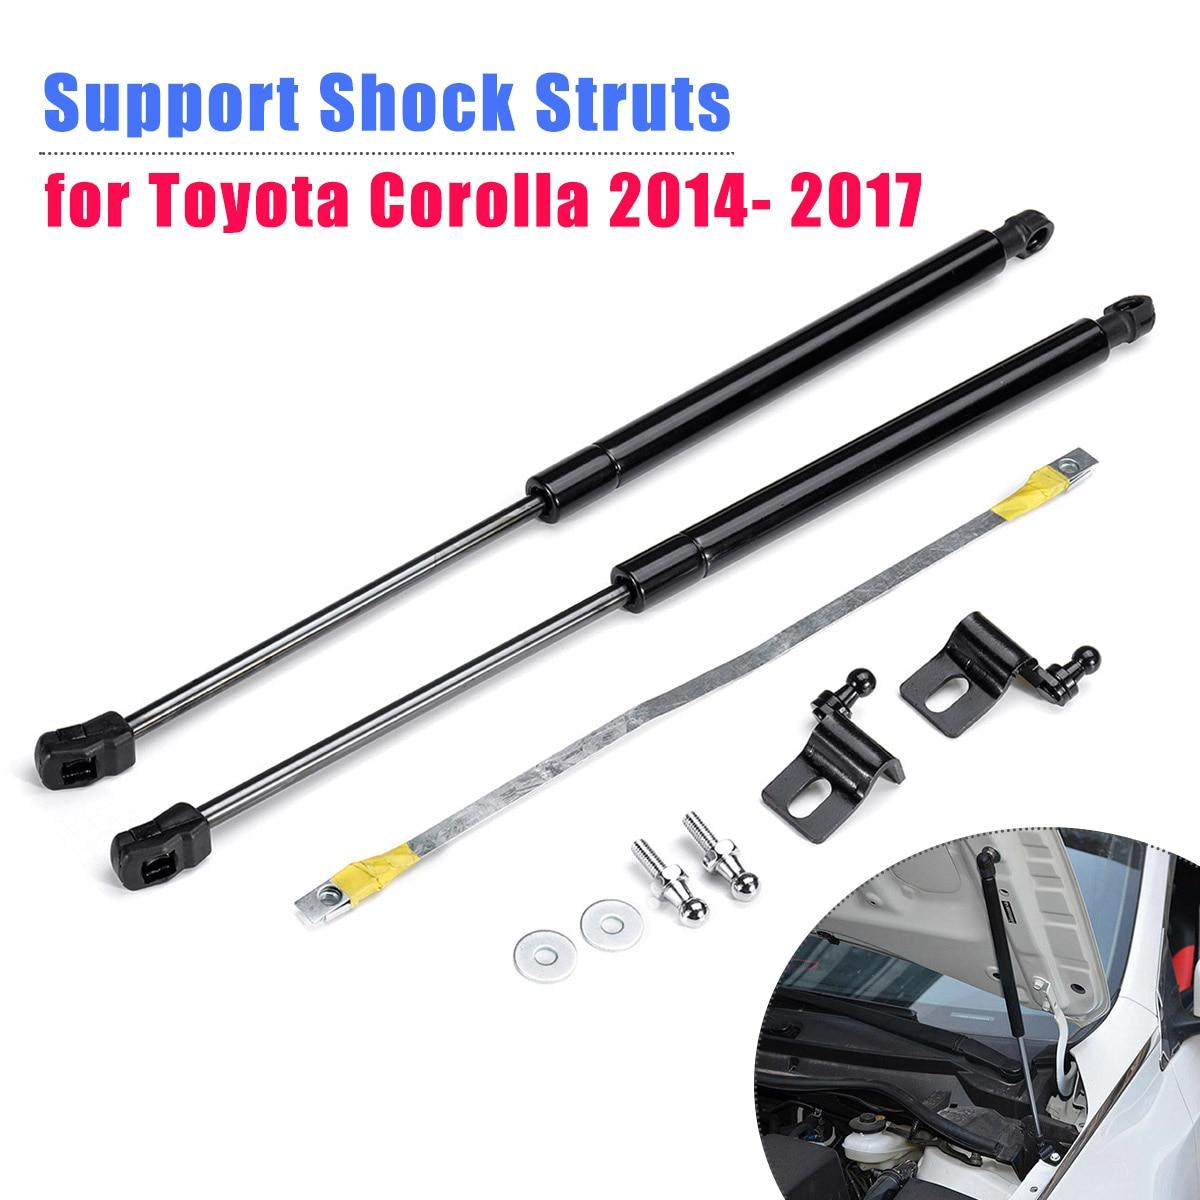 1 par de puntales de Gas de choque con soporte de capó delantero para Toyota Corolla 2014 2015 2016 2017 accesorios para automóviles